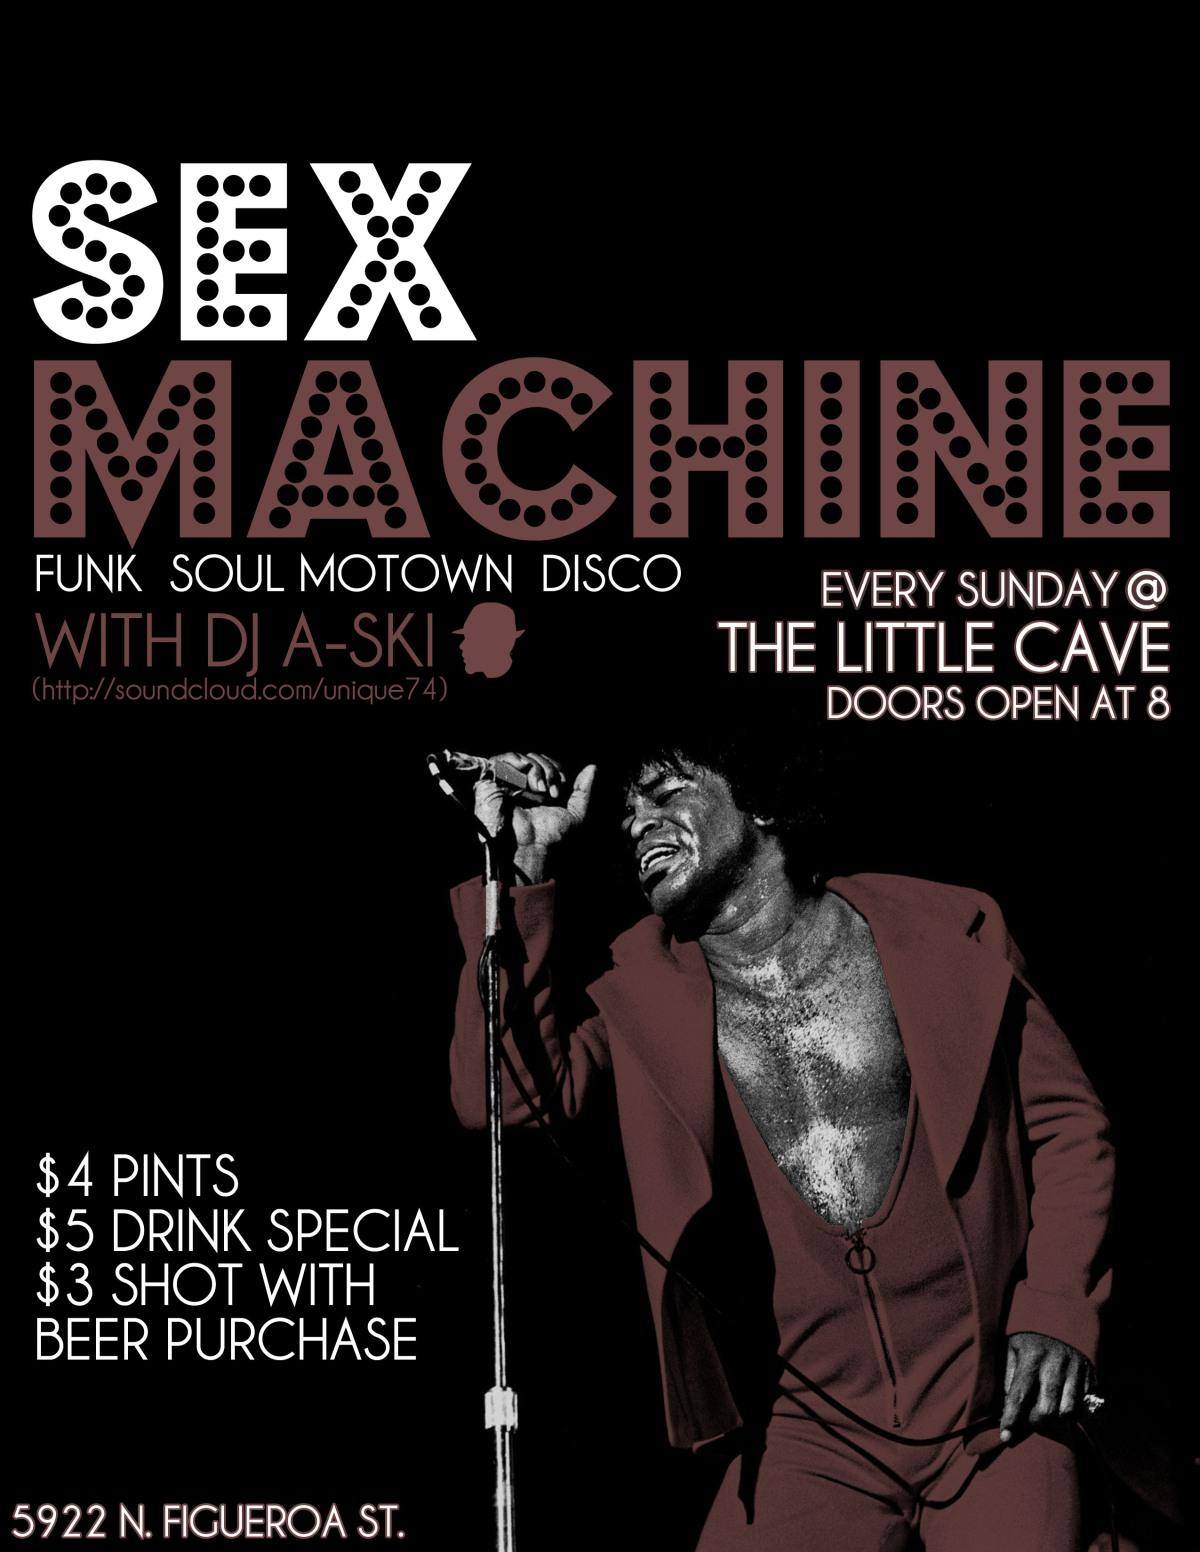 SEX MACHINE SUNDAYS | A-SKI #Unique74